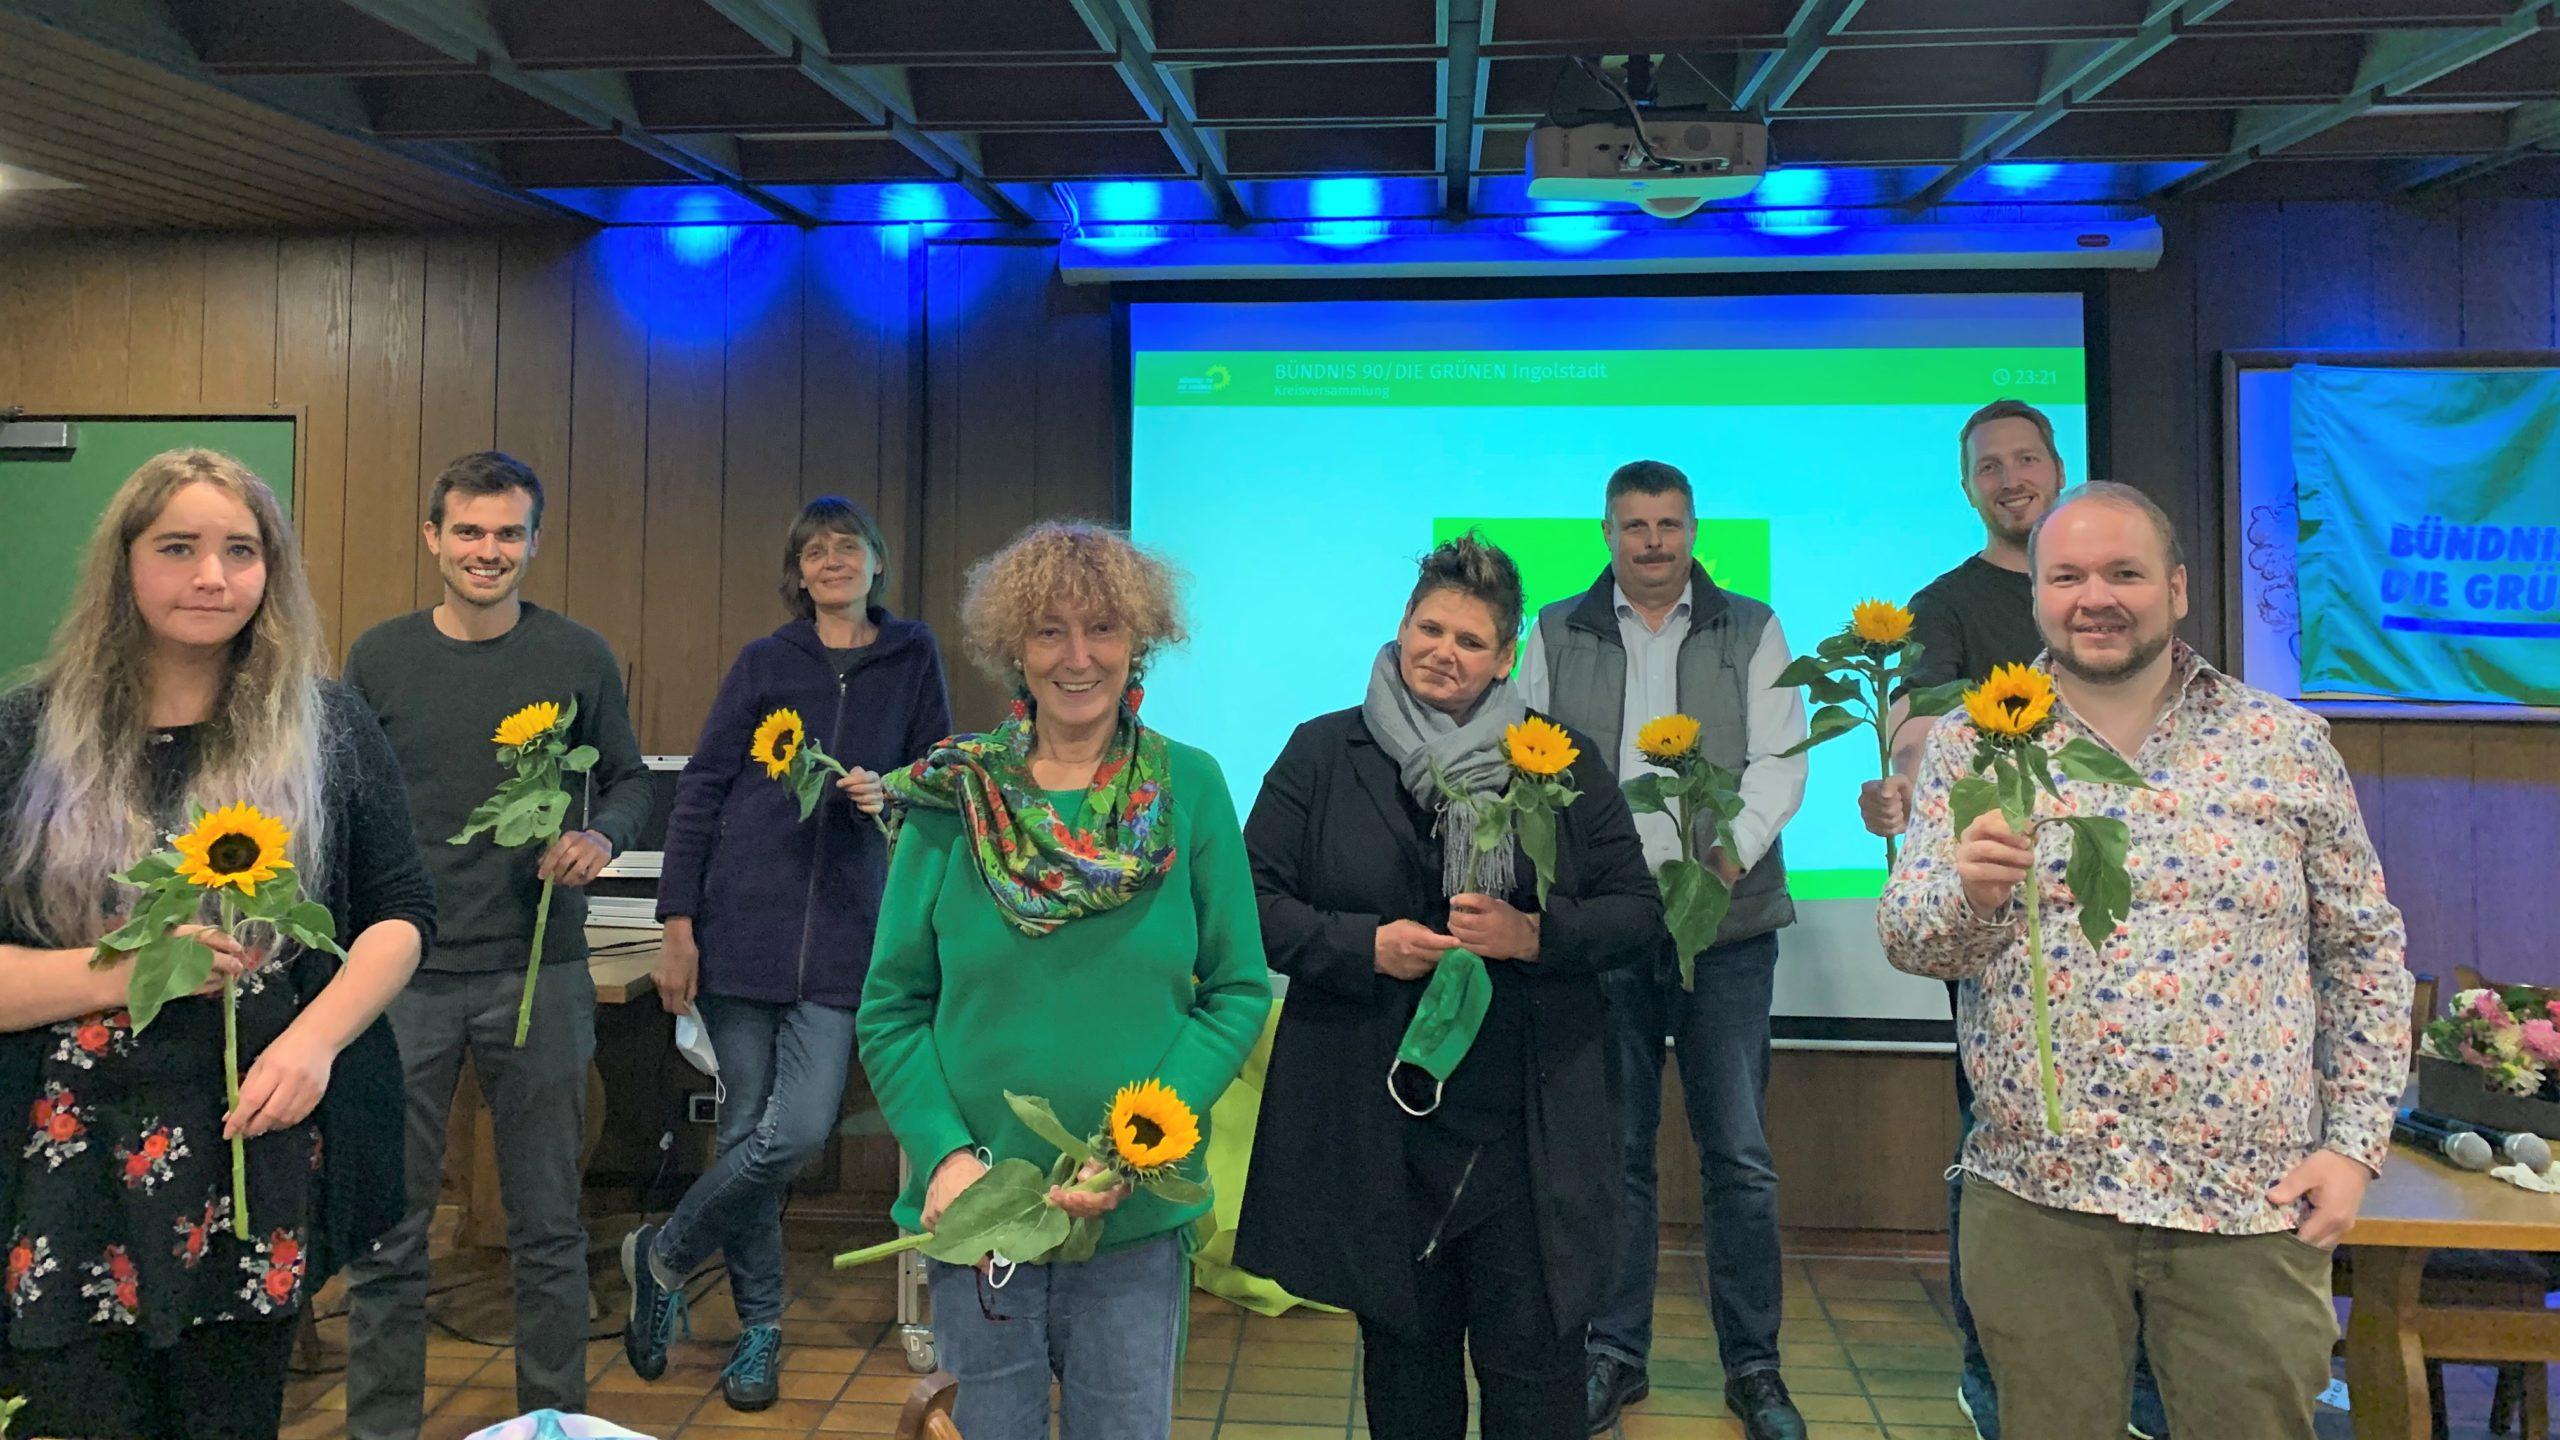 Ingolstädter Kreisverband hat neuen Vorstand gewählt